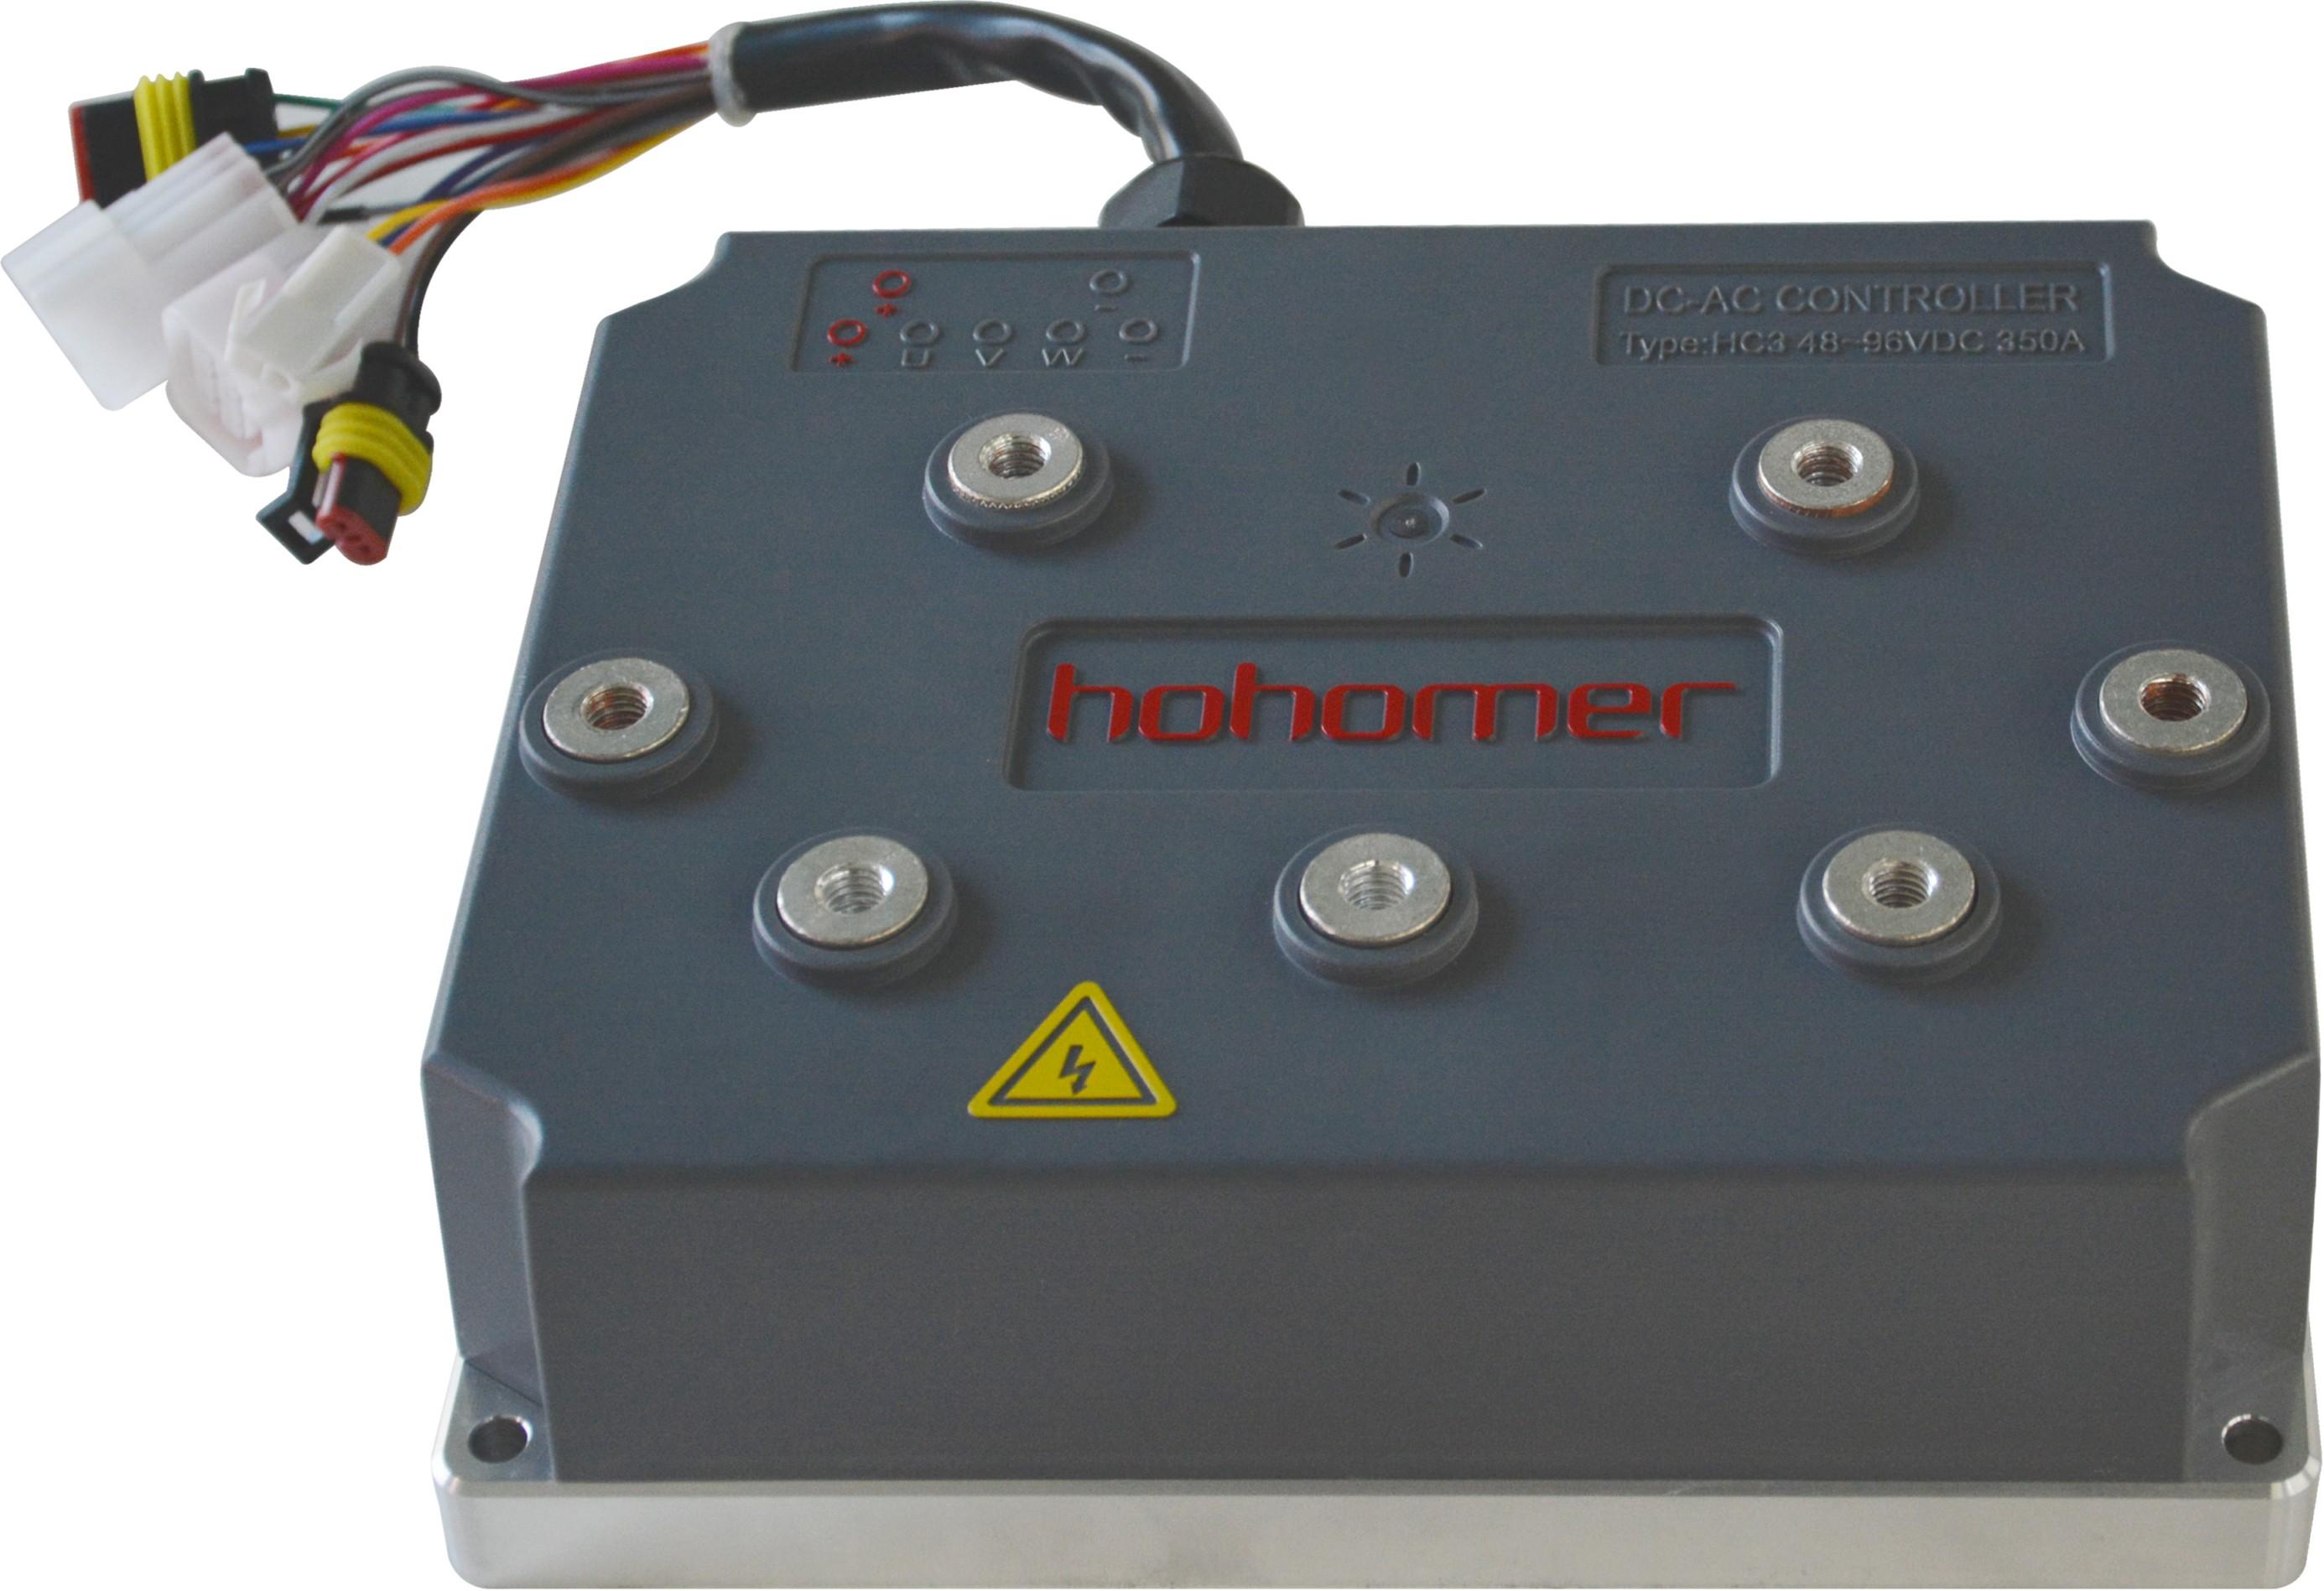 產品規格系列: 紅河馬控制器主要以控制器的電流安培系統命名,以電壓的大小細分命名。 目前企業主要有四大系列控制器產品:分別爲200A系列交流控制器、300A系列交流控制器、400A系列交流控制器和600A系列交流控制器;每一系列按電壓的大小細分爲48V系列、60V系列、72V系列、96V系列、108V系列、144V系列和288V系列。每款控制器都可以匹配多種不同功率的電機,例如300A控制器可以匹配3-5KW的交流電機,大大解決了單個電機匹配單個電控的侷限性。